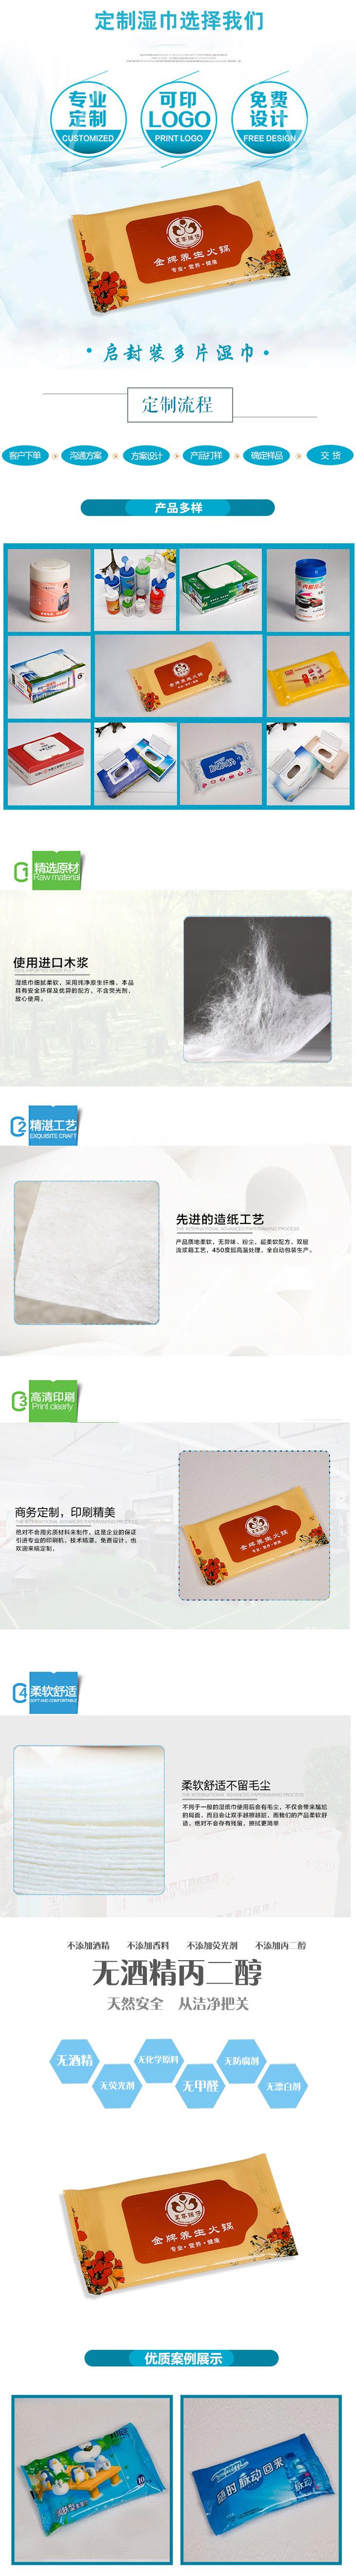 启封装湿巾详情页2.jpg